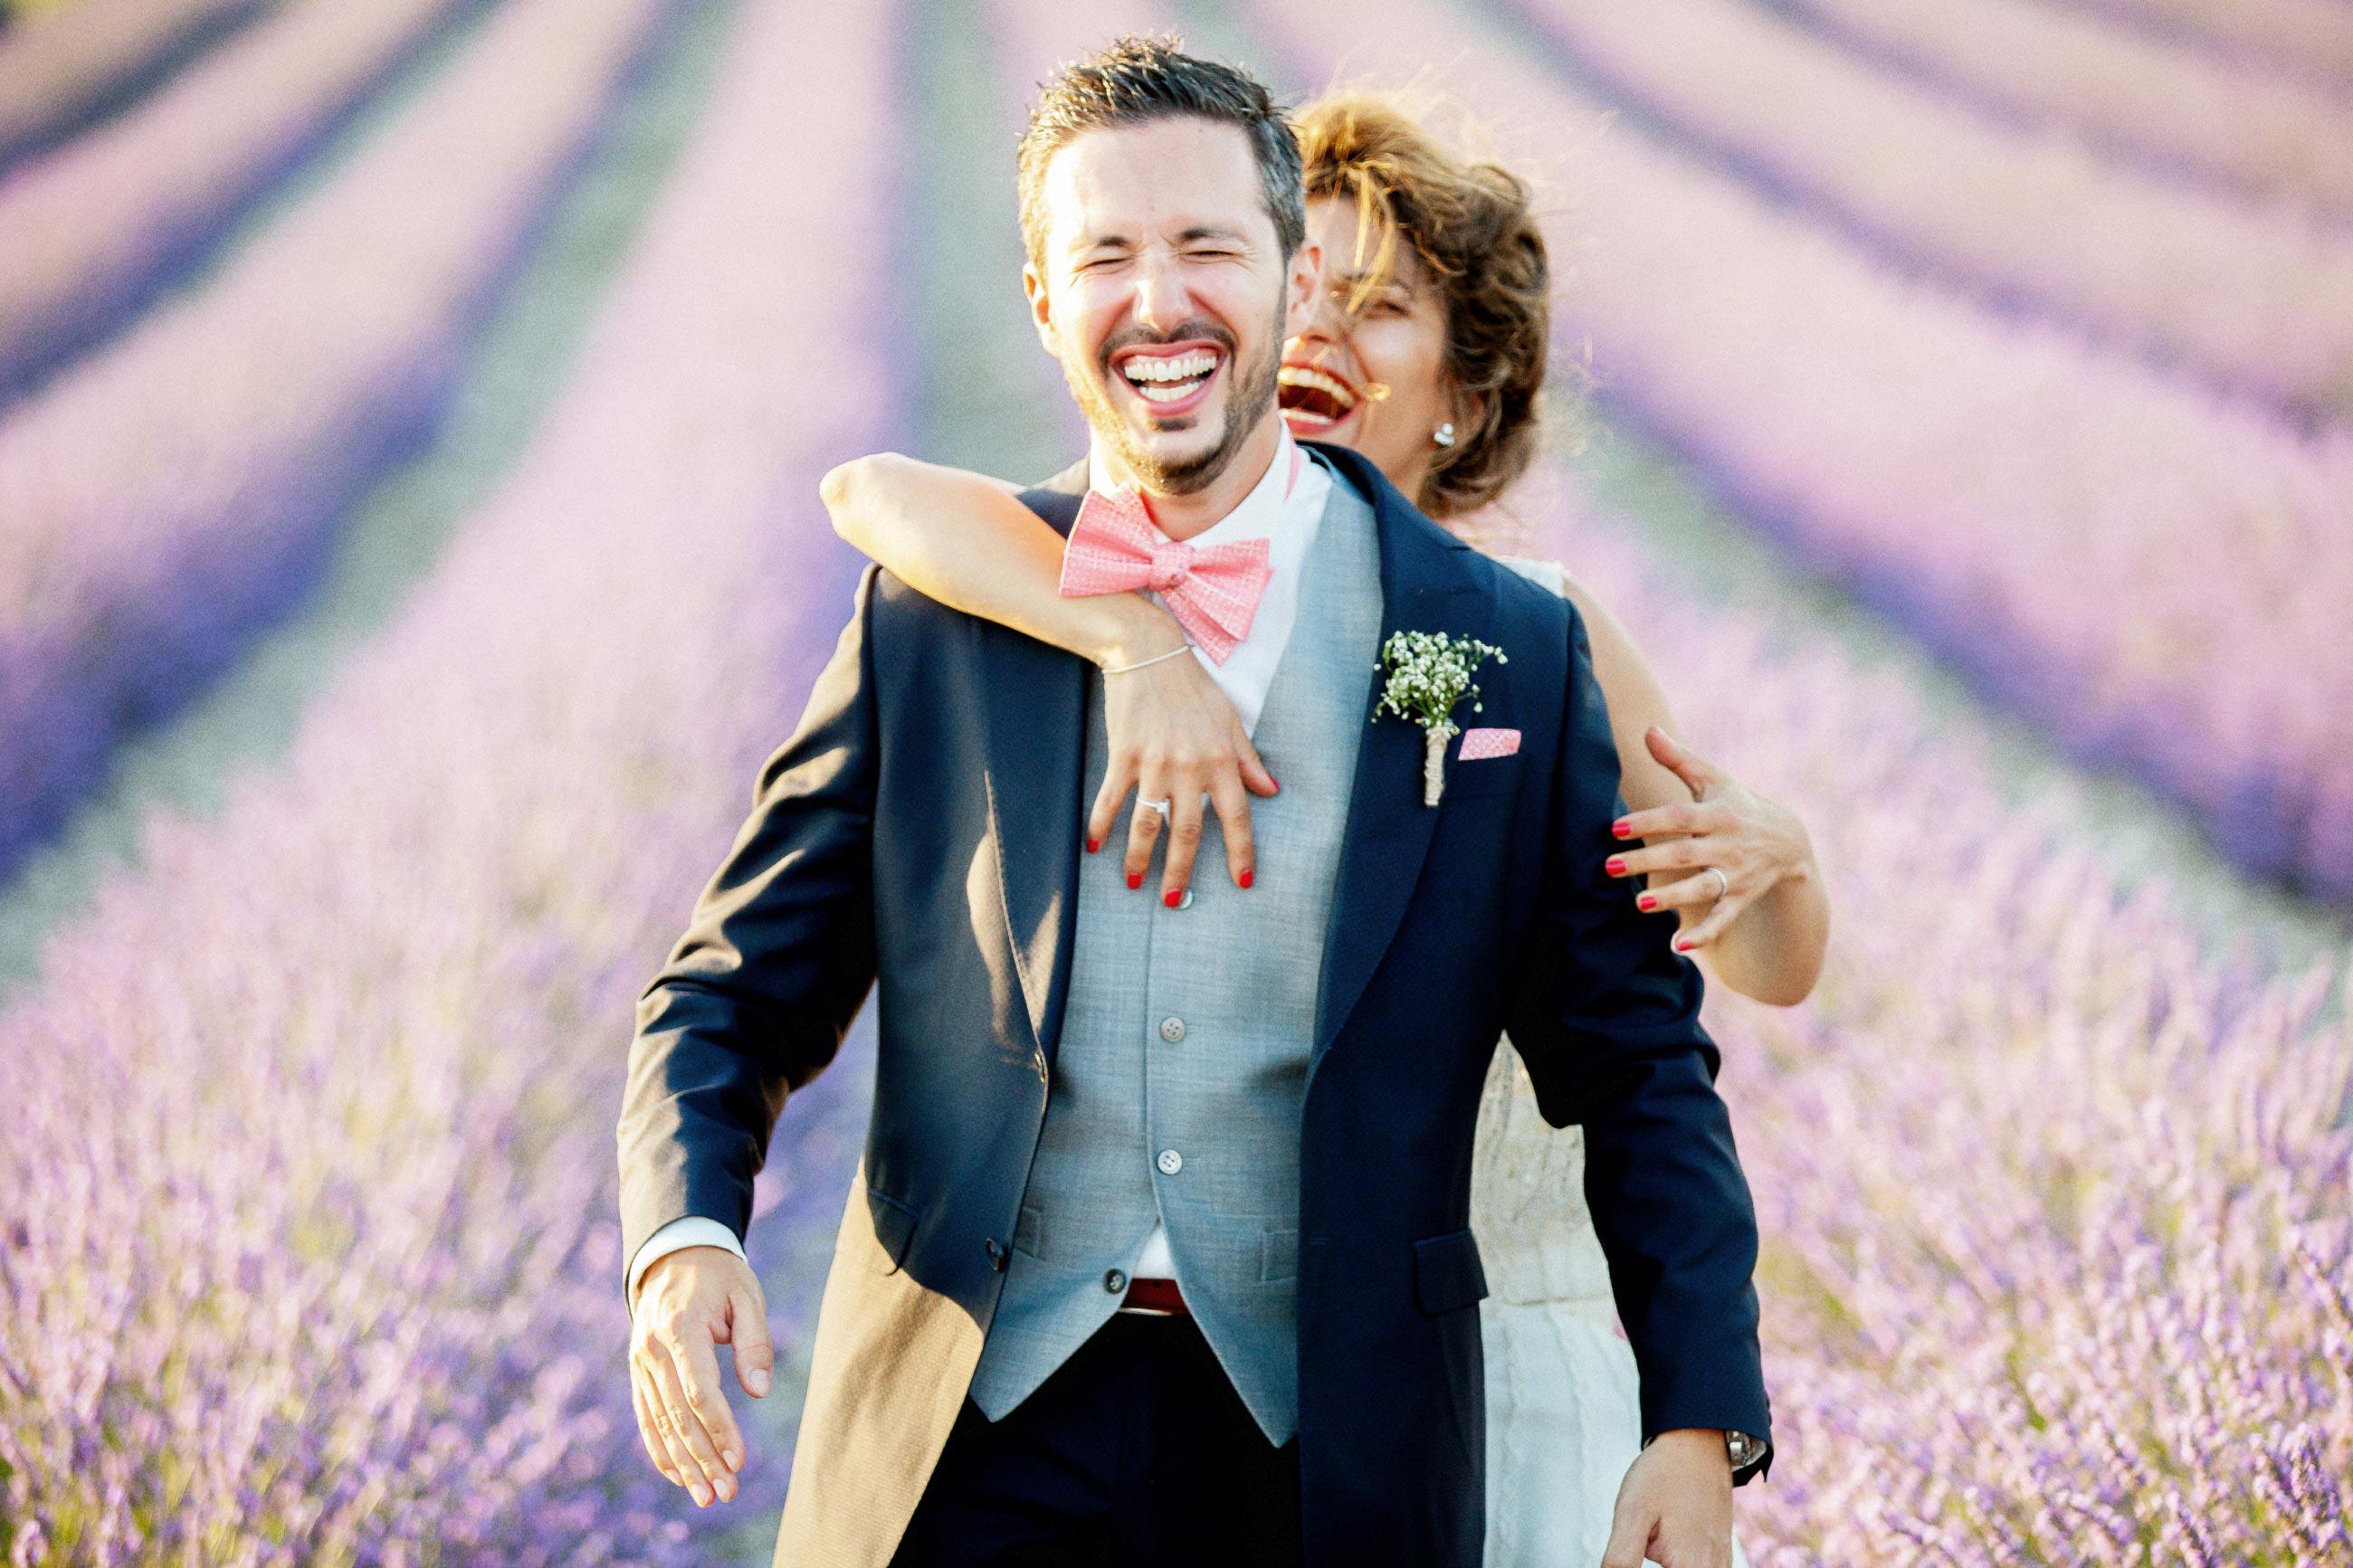 Rémi Dupac - Photographe mariage Provence - Blog mariage : La mariée aux pieds nus